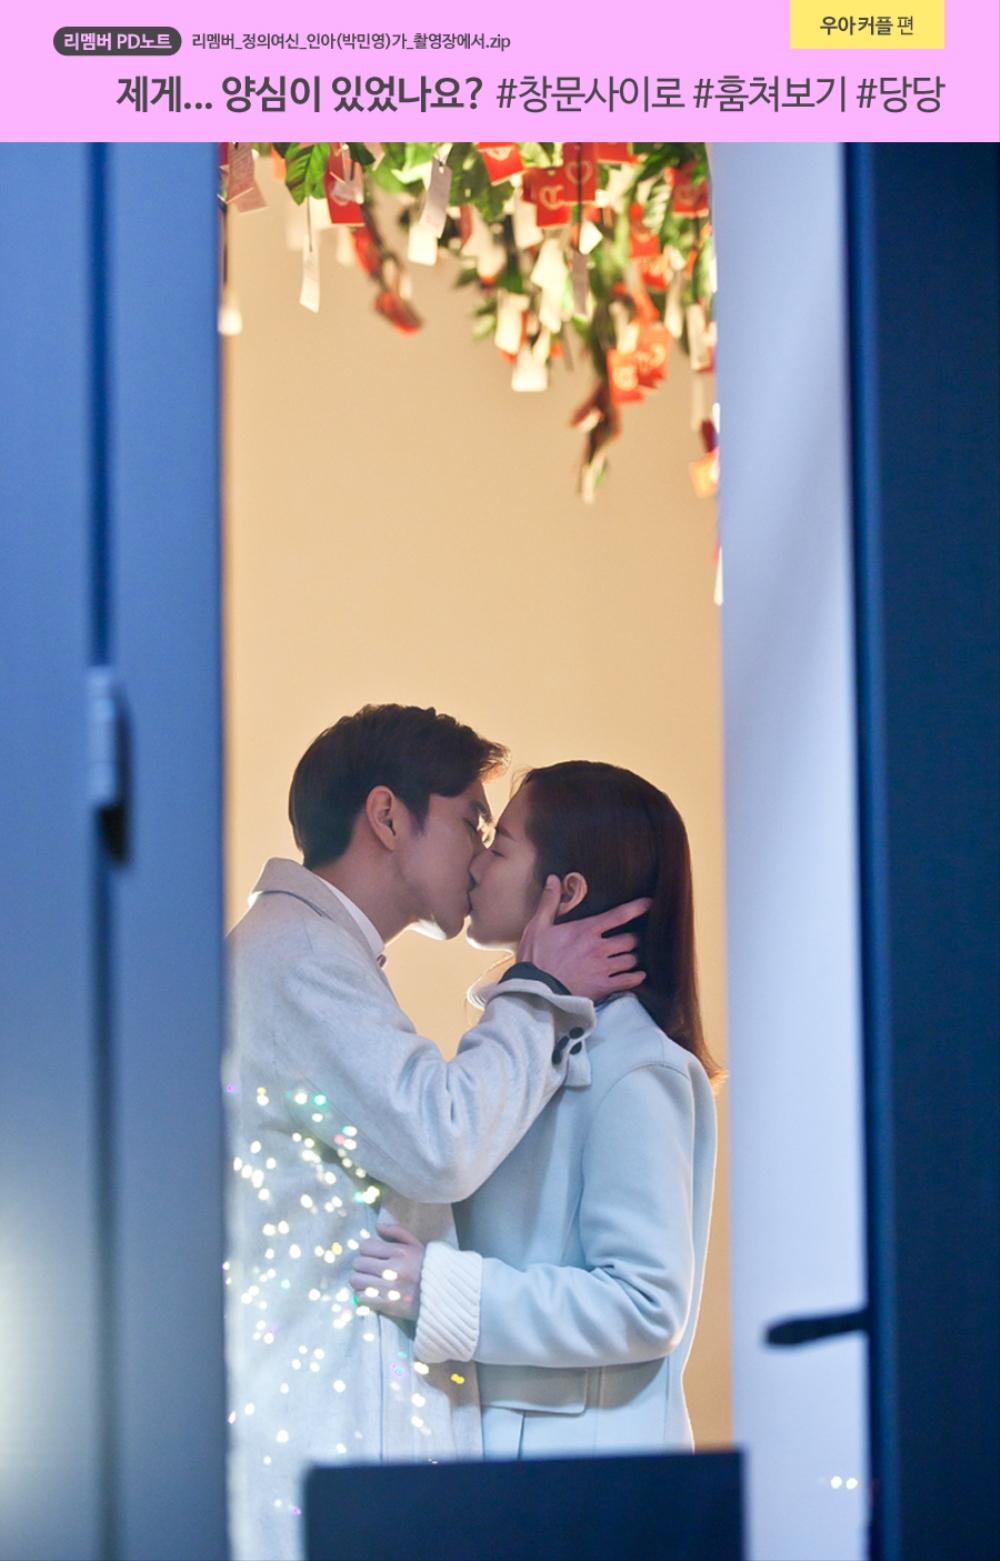 창문 사이로 훔쳐 보는 우아 커플의 진한 키스 장면